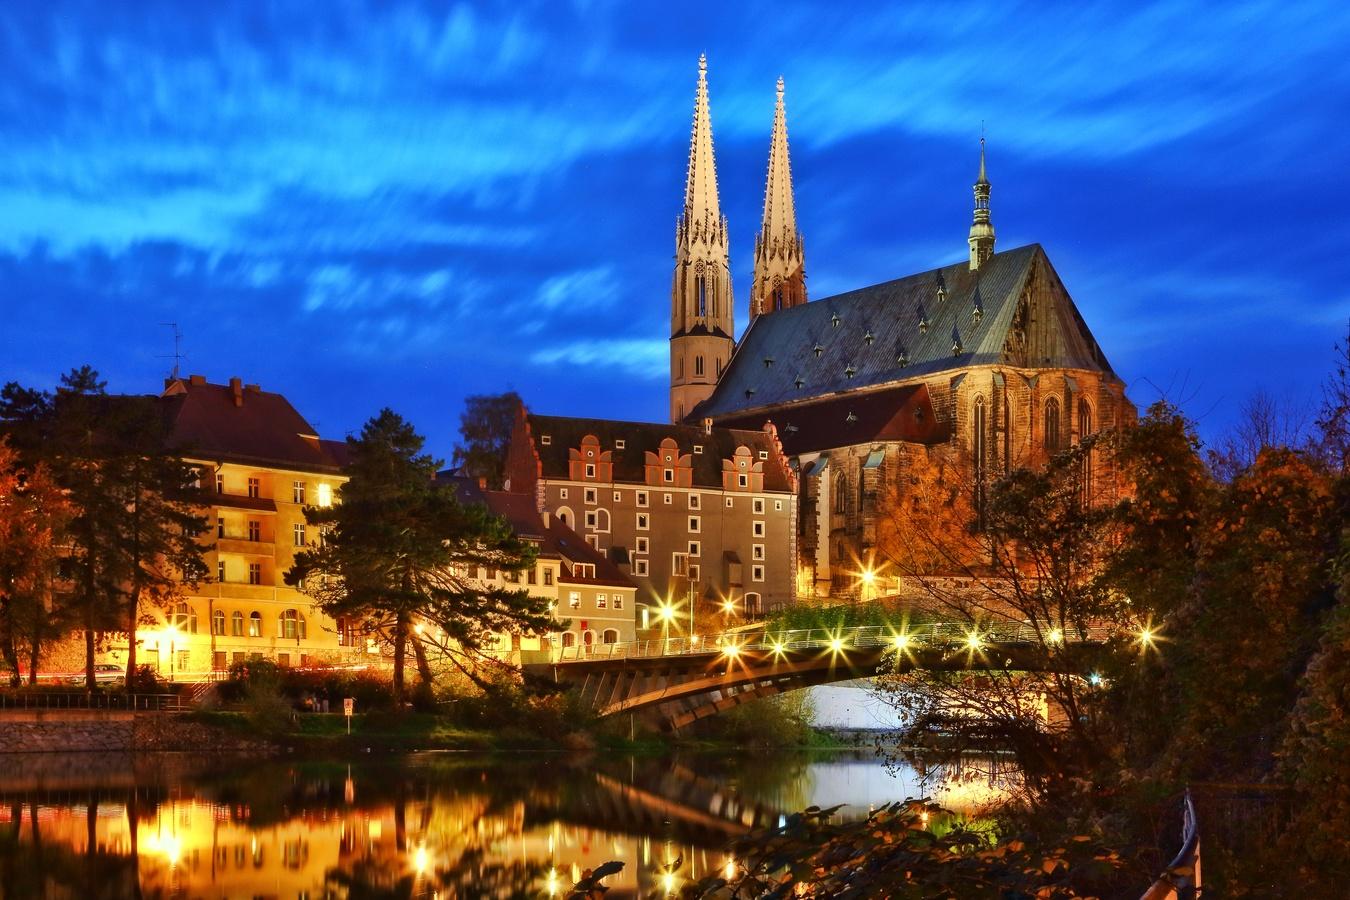 Farní kostel sv. Petra a Pavla Görlitz